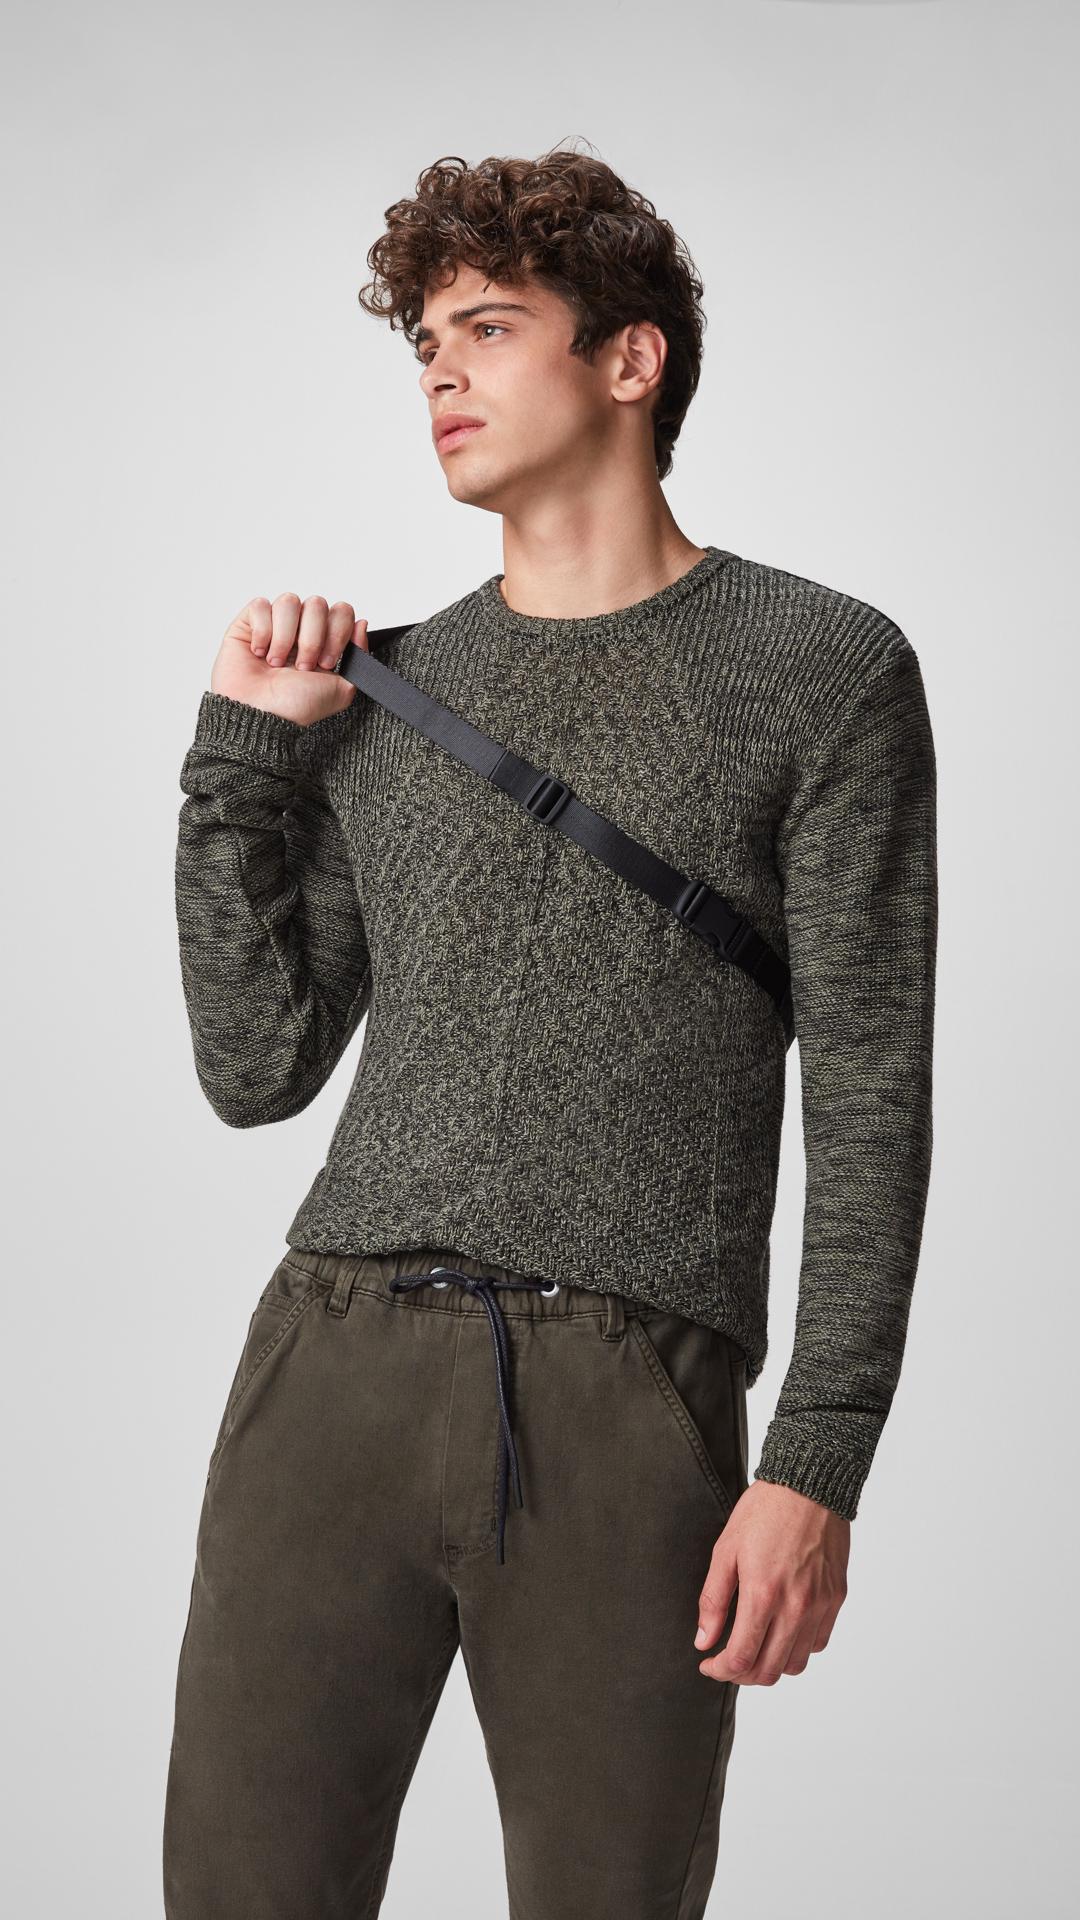 e94587932 Calvin Klein Jeans apresenta as primeiras peças da coleção Inverno 2019